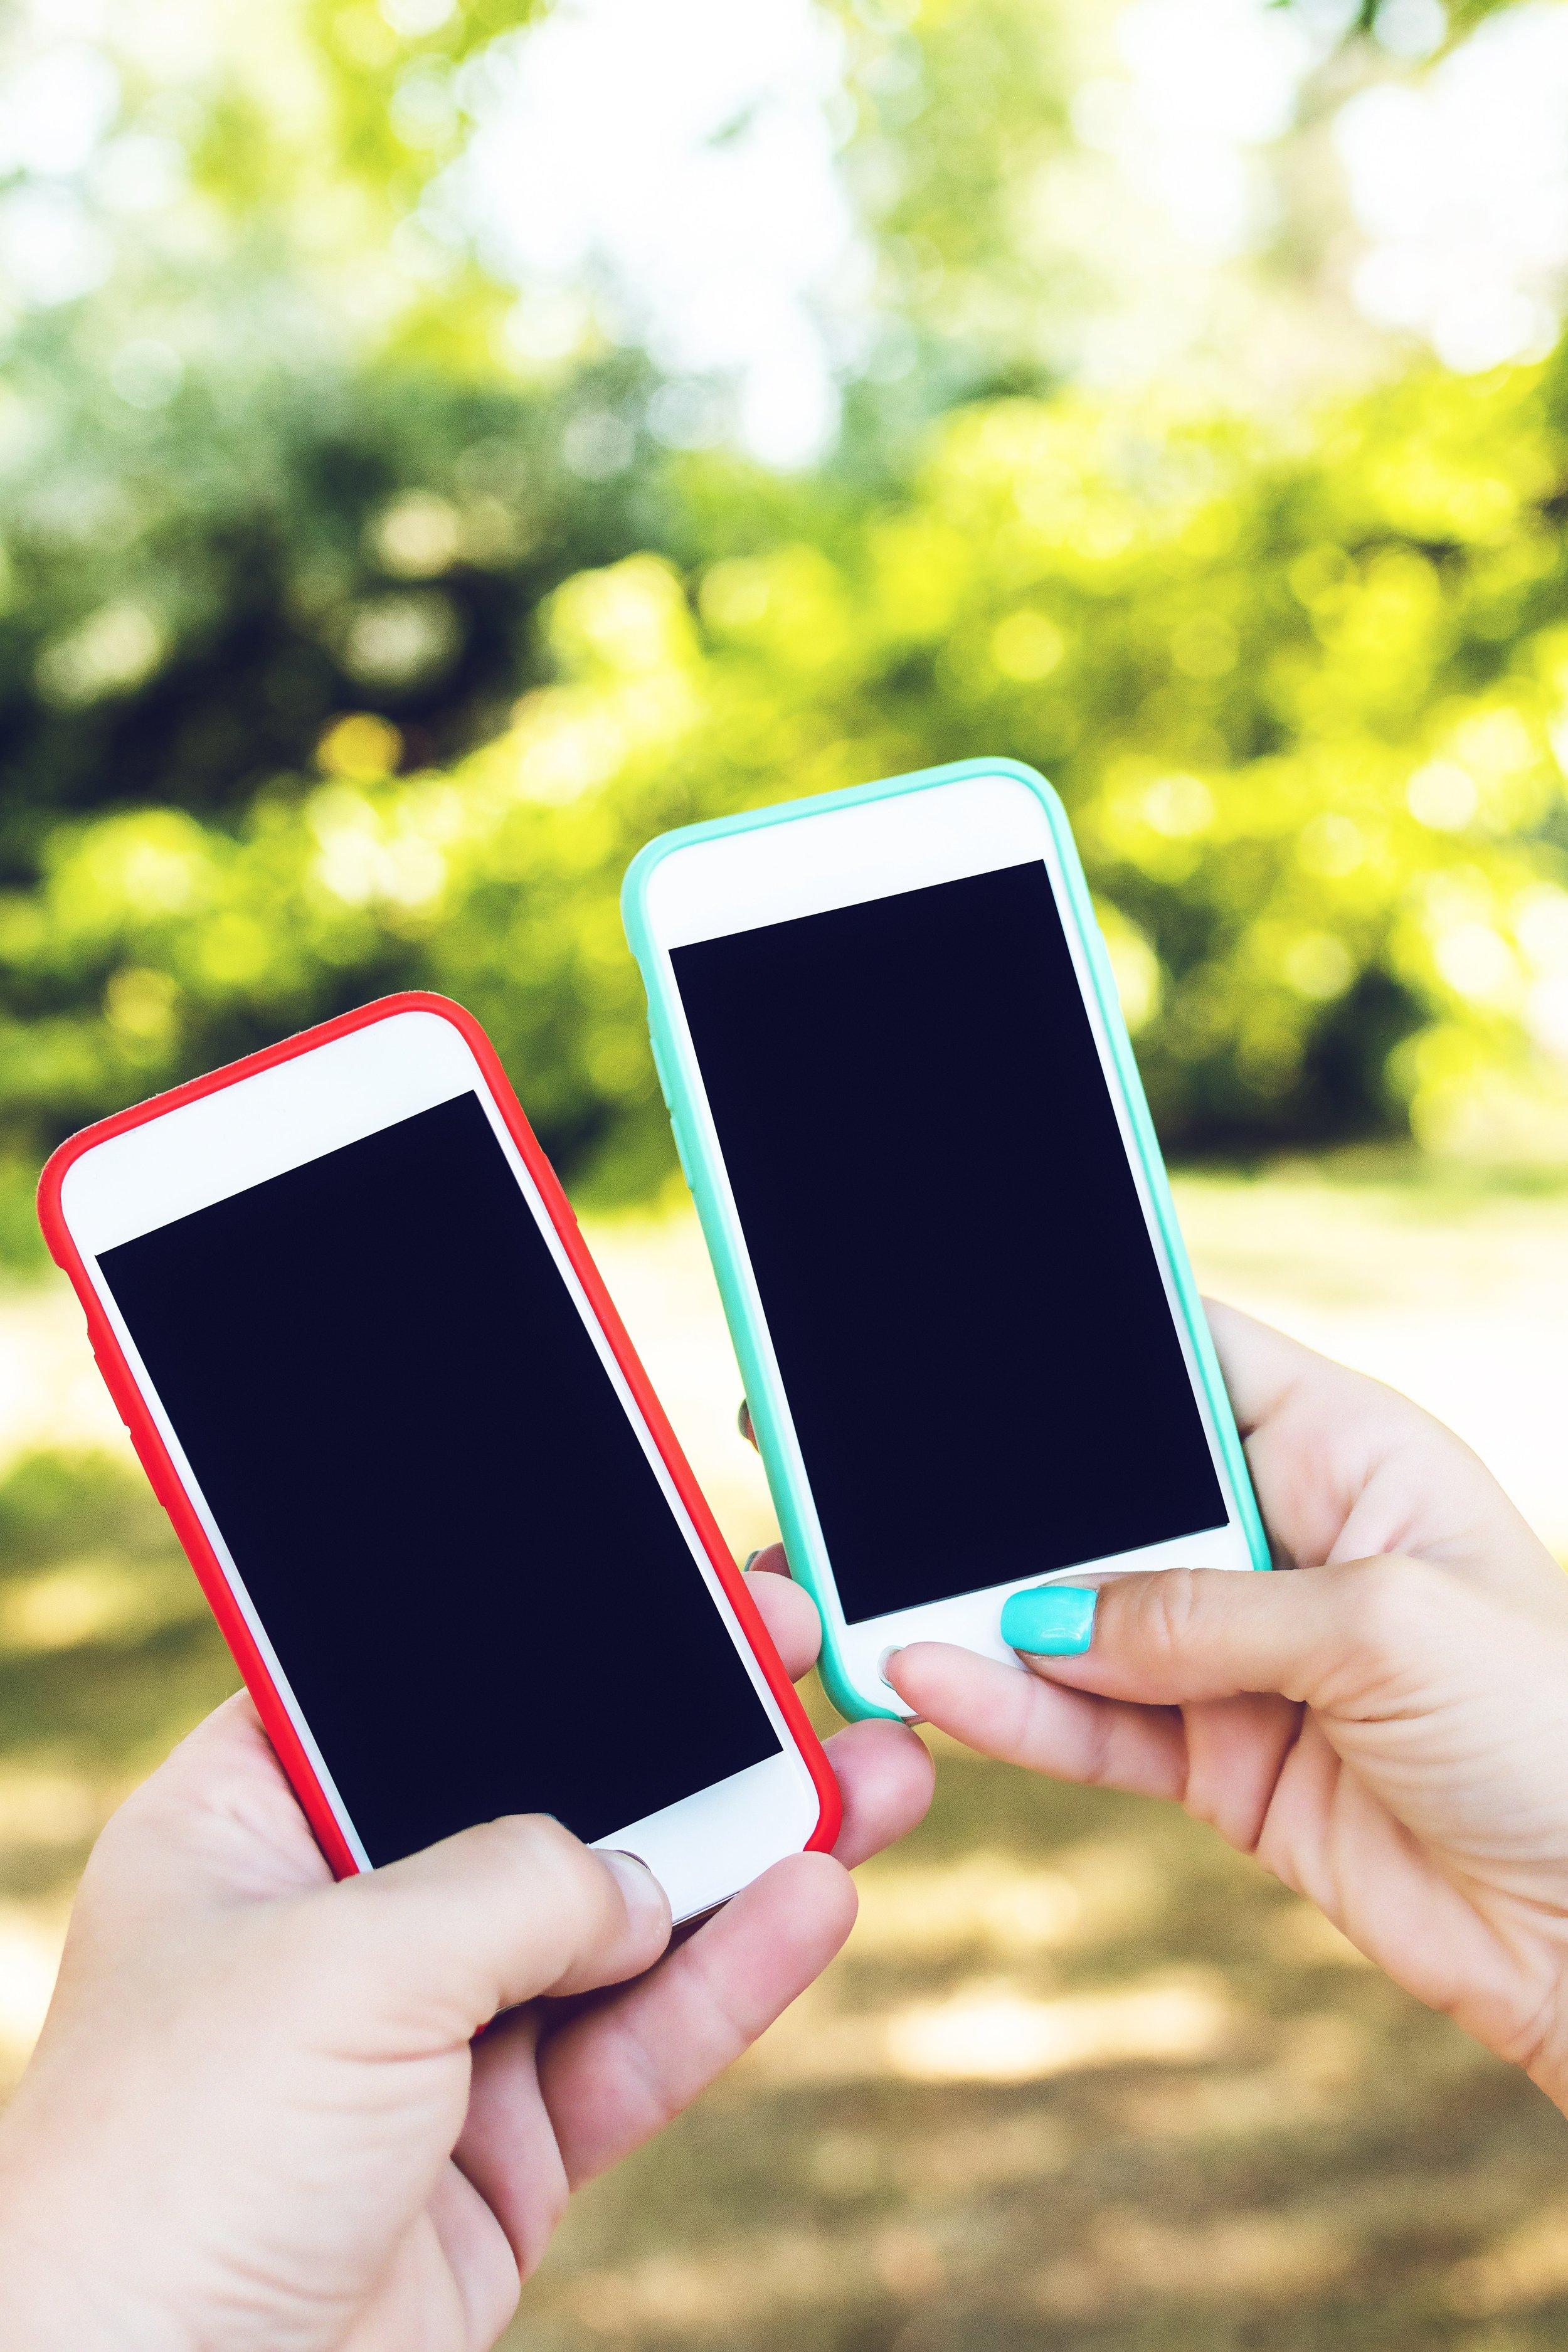 cellphones-holding-mobile-phones-2606516.jpg